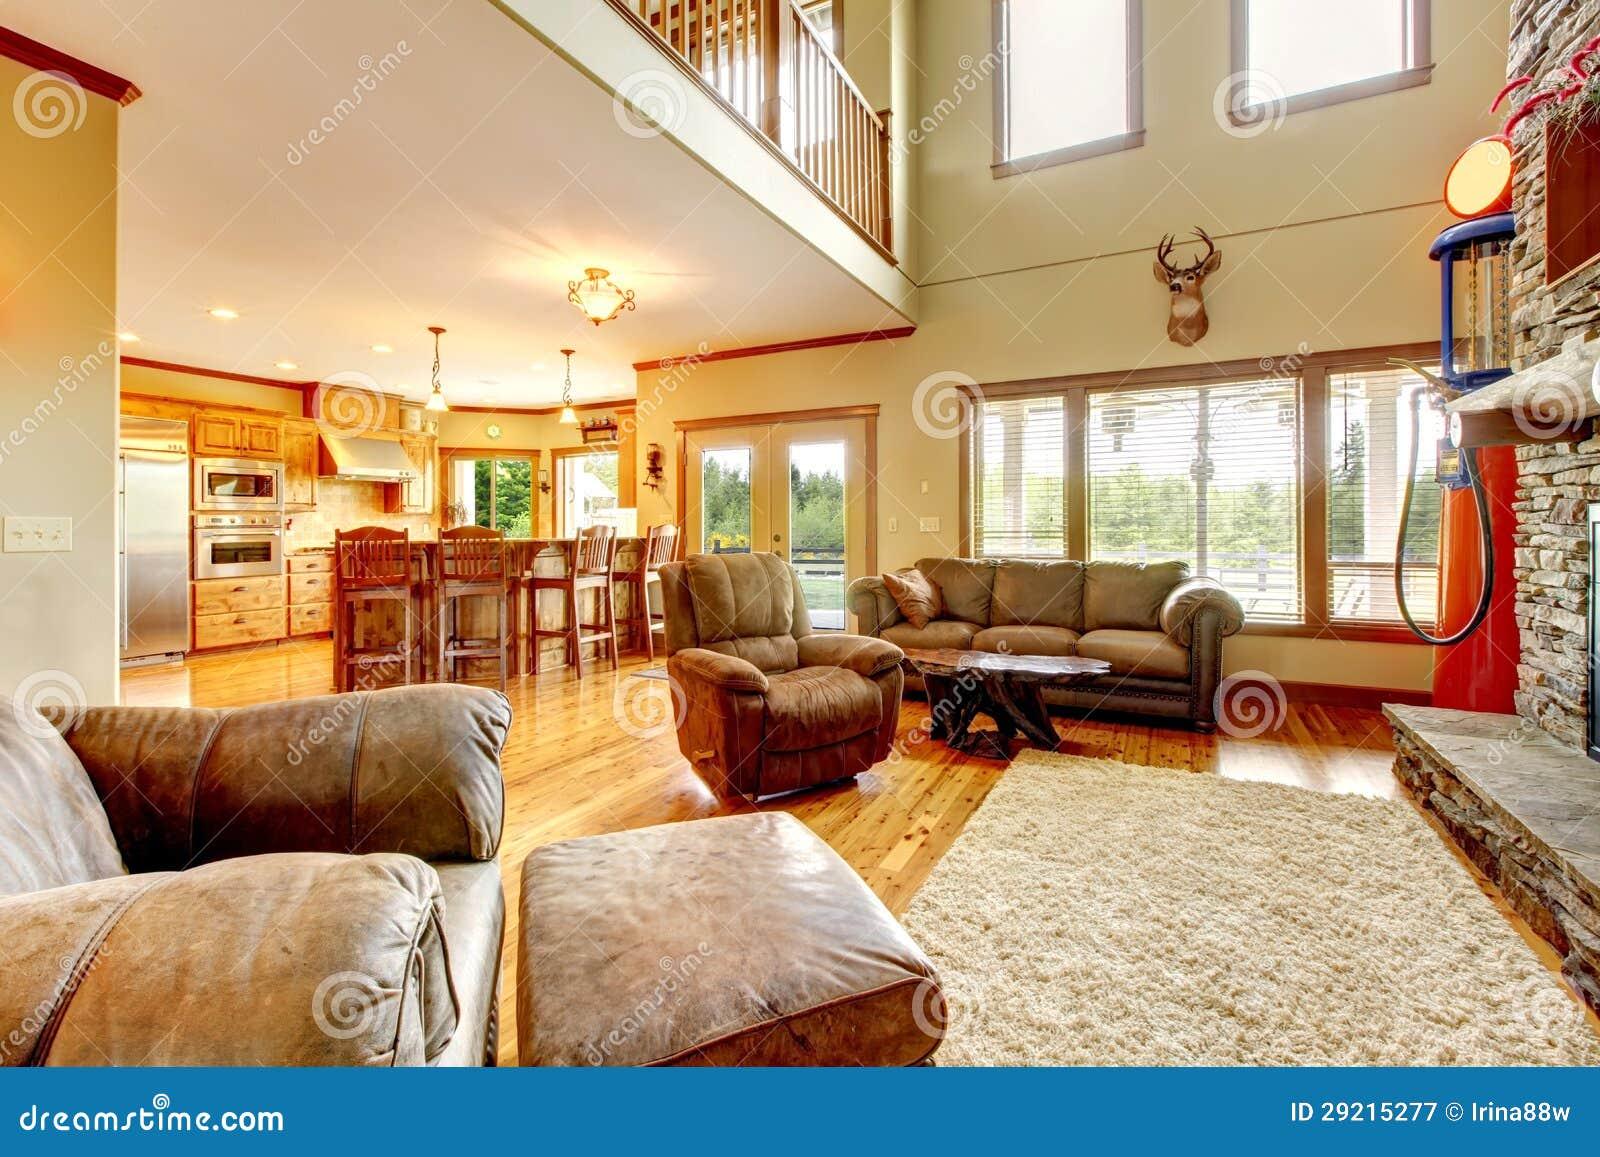 Wohnzimmer Mit Hoher Decke Steinkamin Und Ledersofa Lizenzfreie